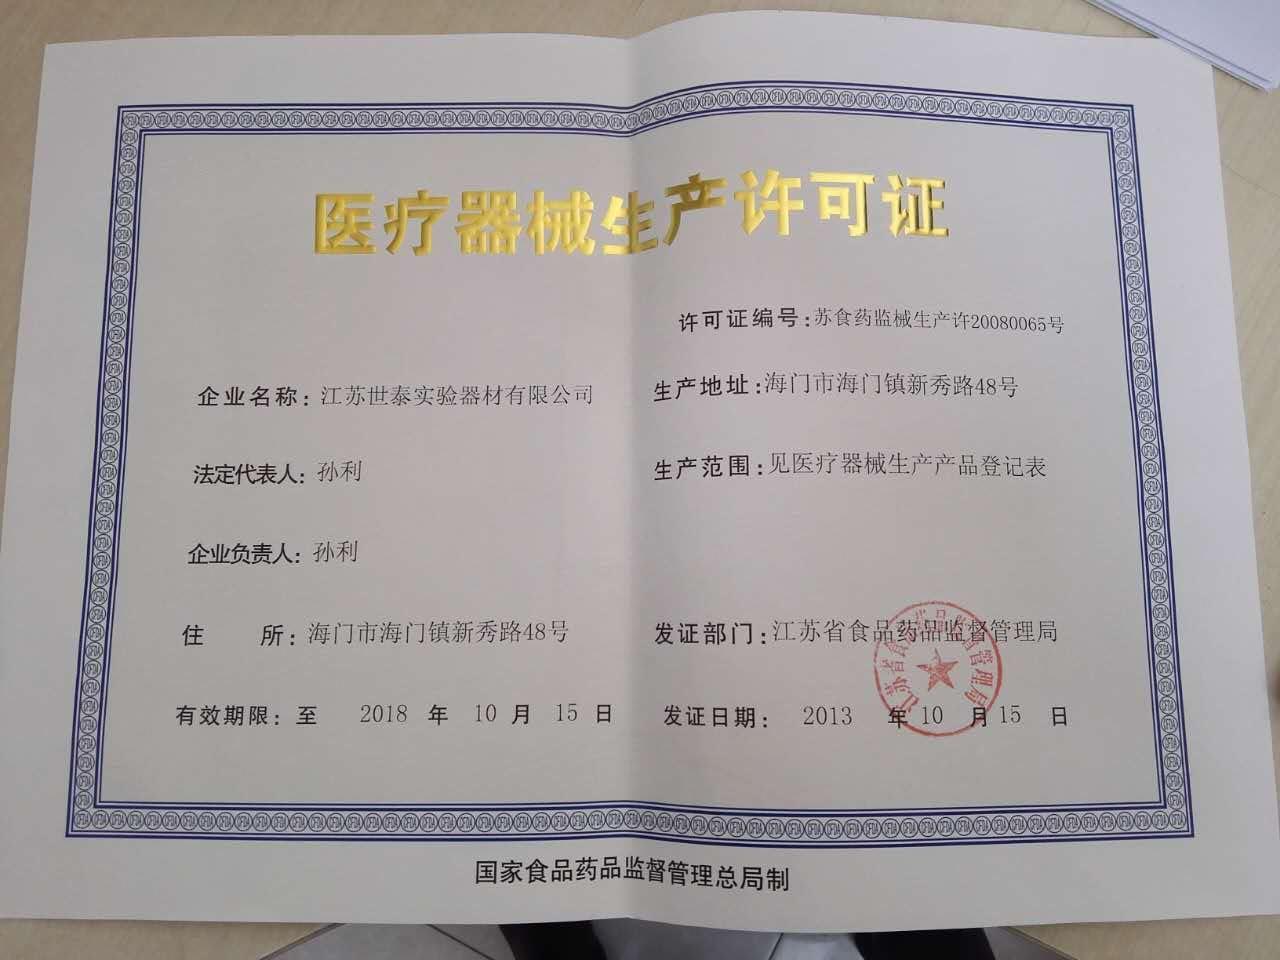 CFDA License SU20080065